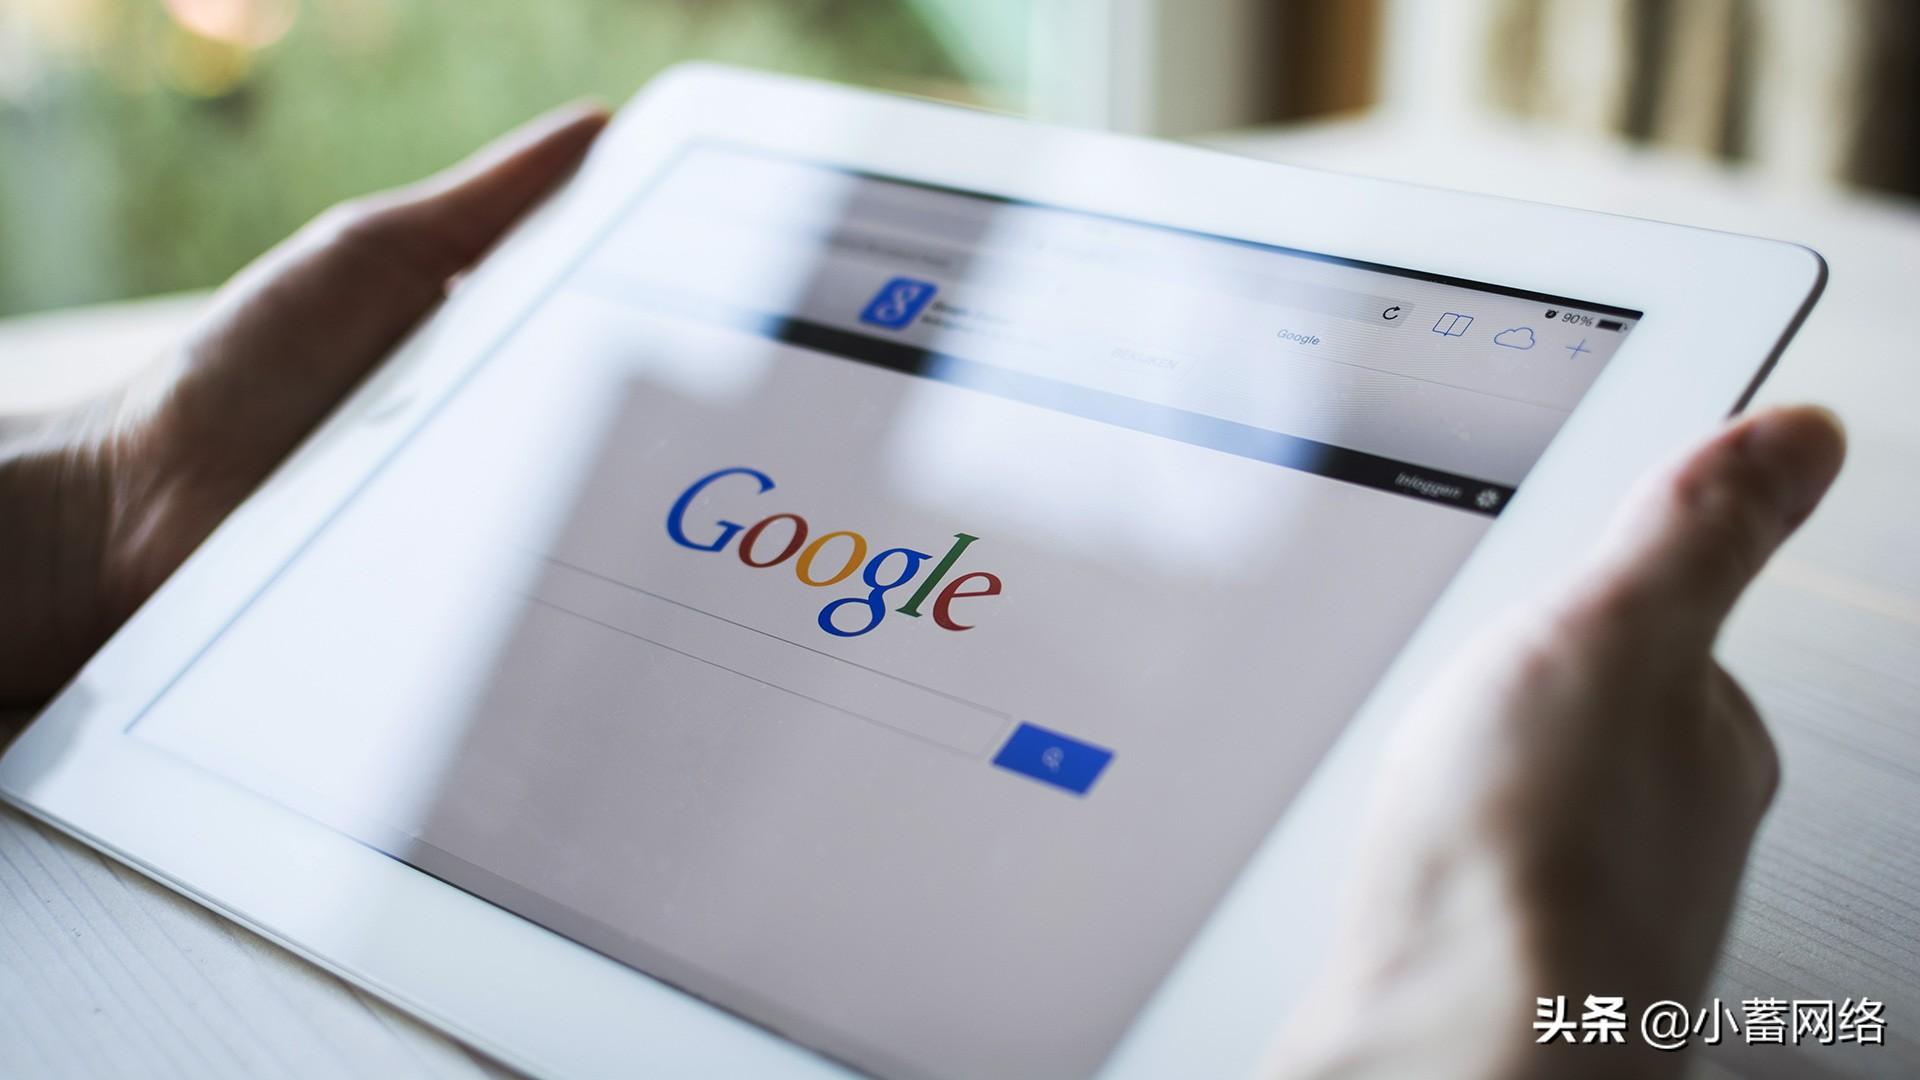 企业网站做SEO优化的5个技巧